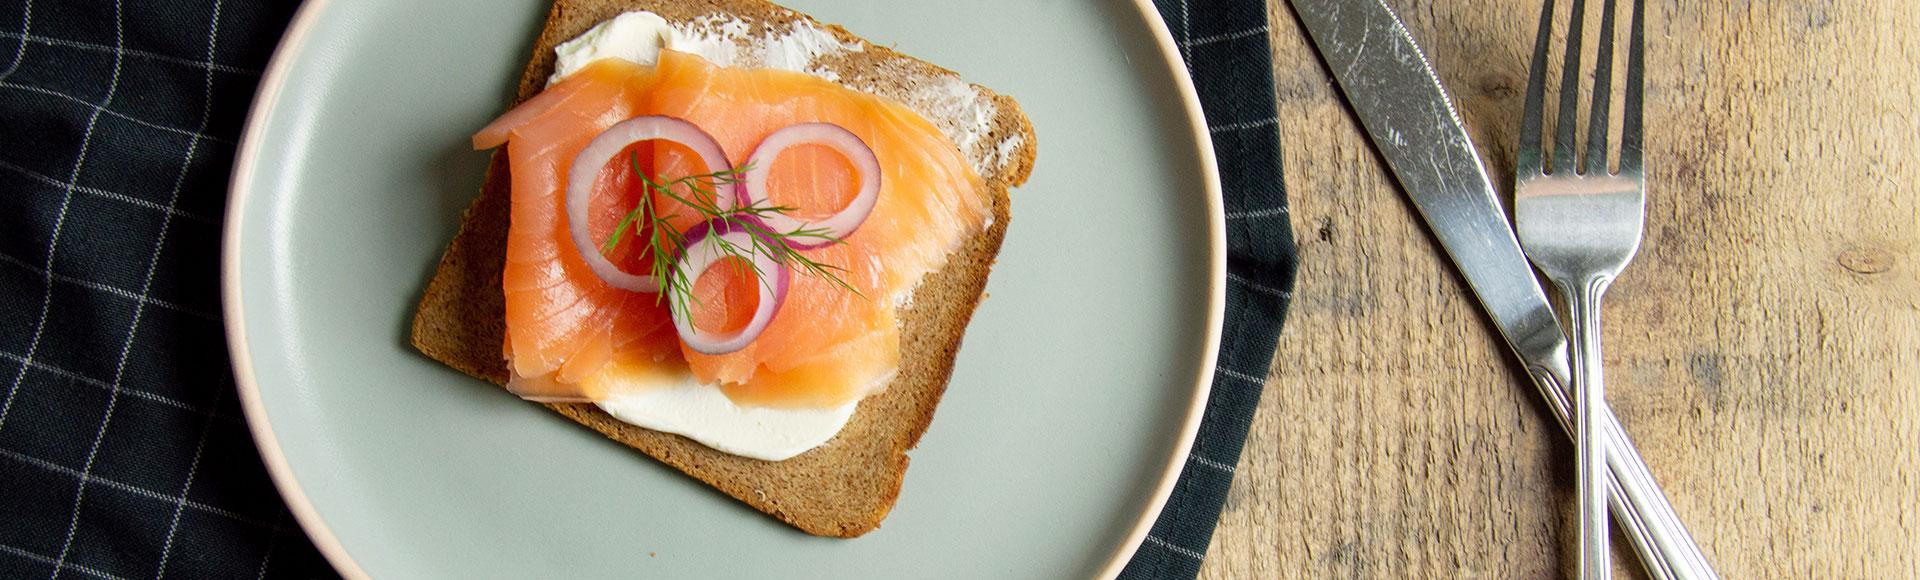 Waarom kiezen voor volkoren brood?